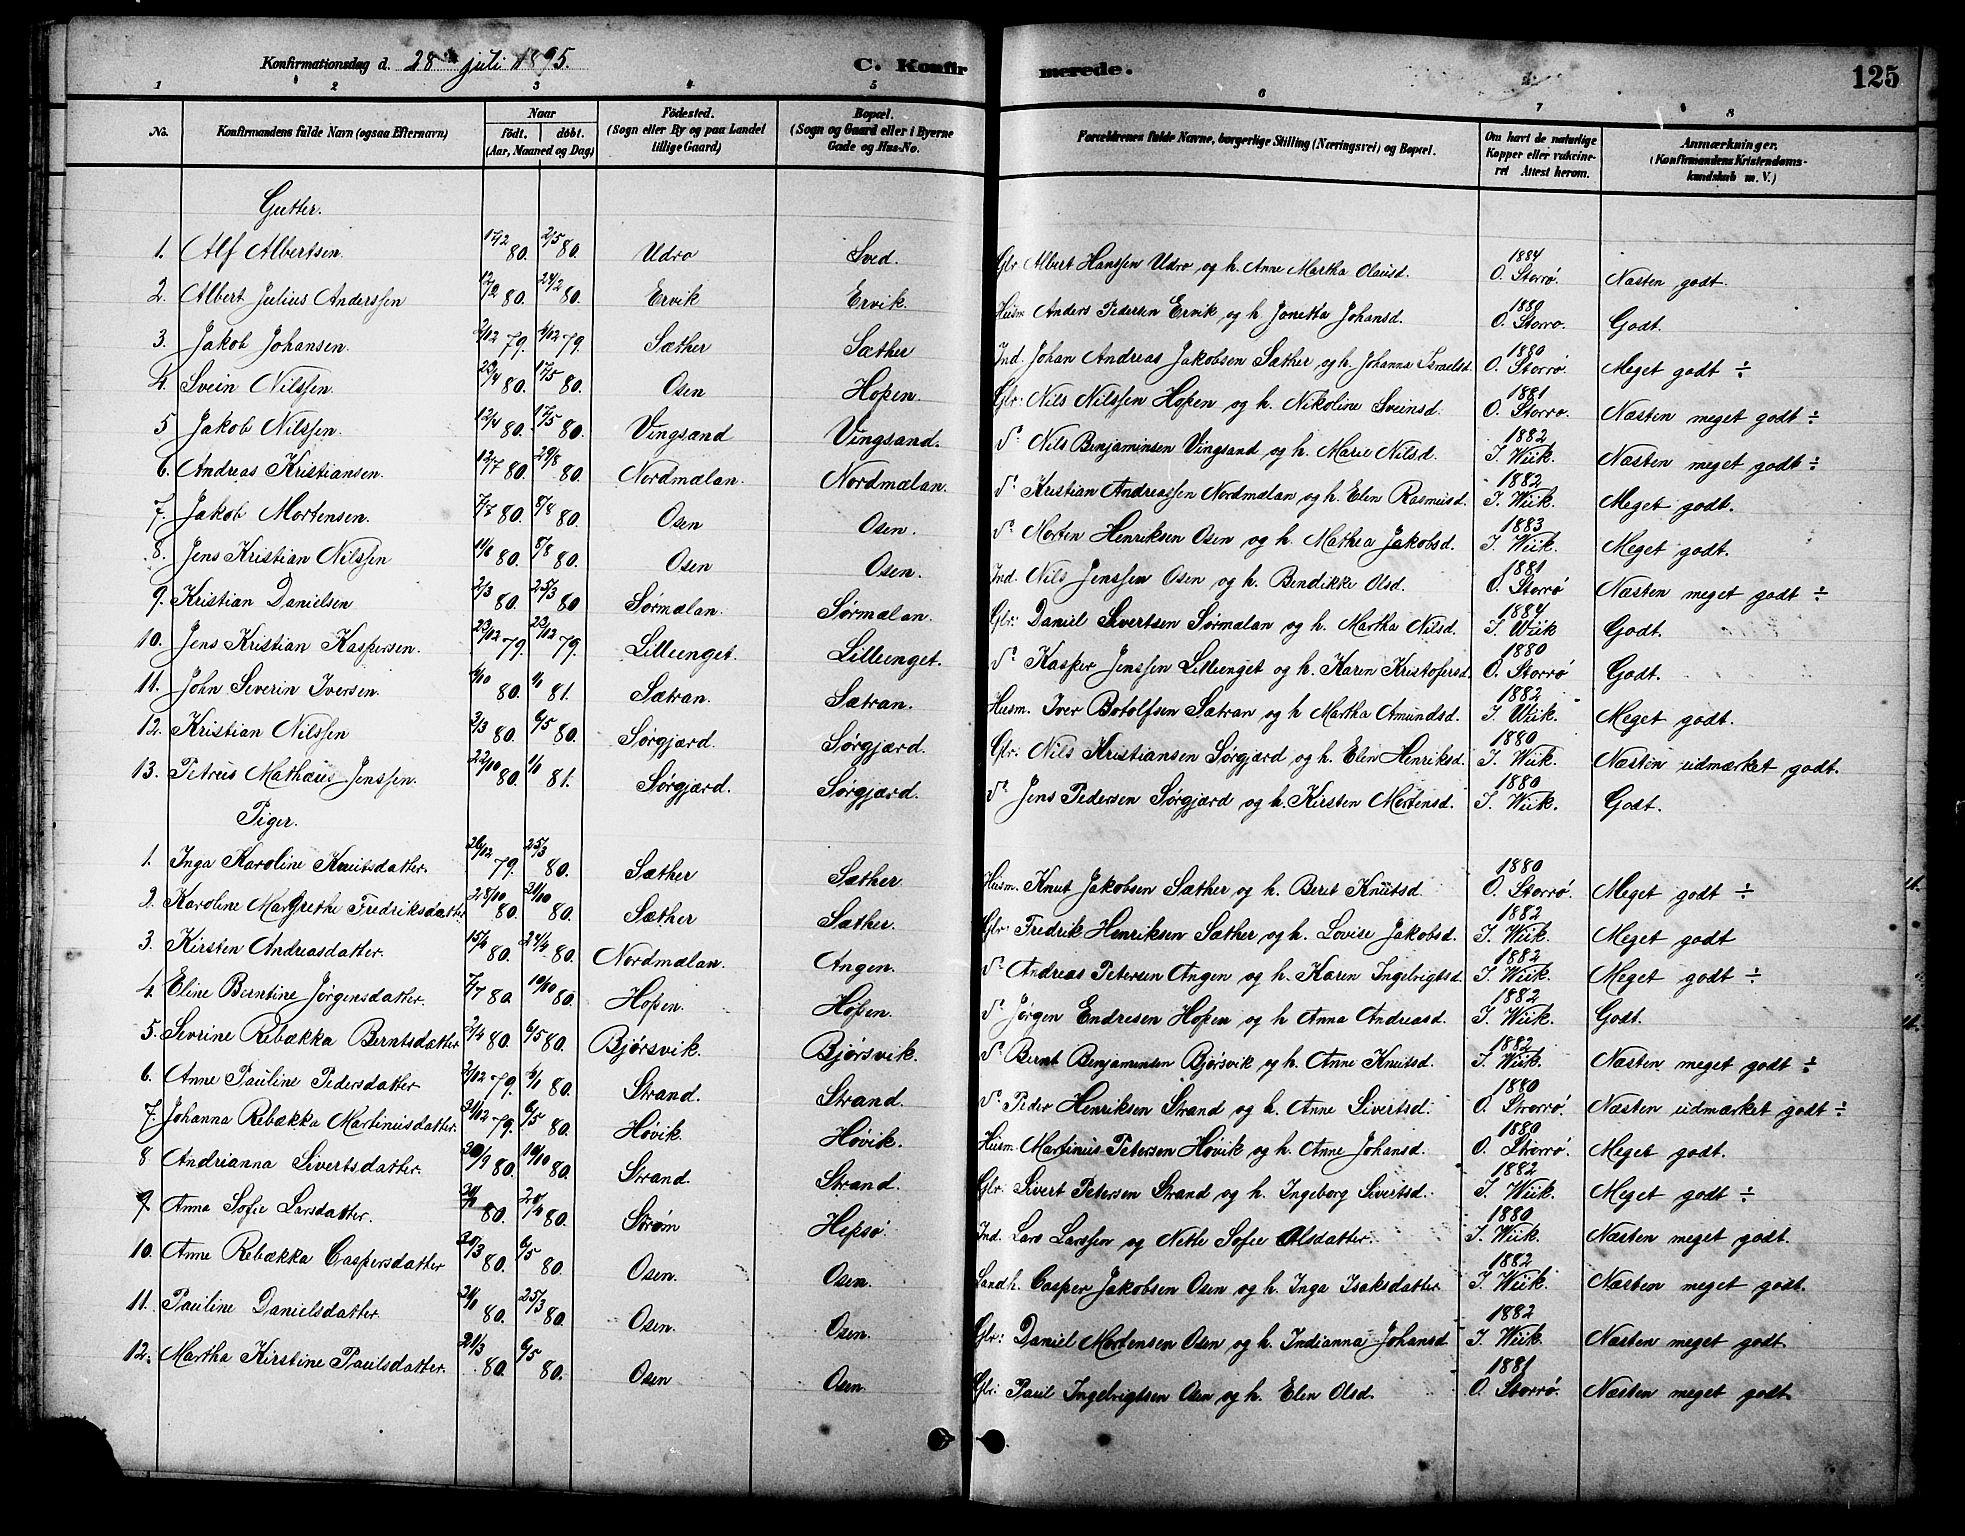 SAT, Ministerialprotokoller, klokkerbøker og fødselsregistre - Sør-Trøndelag, 658/L0726: Klokkerbok nr. 658C02, 1883-1908, s. 125